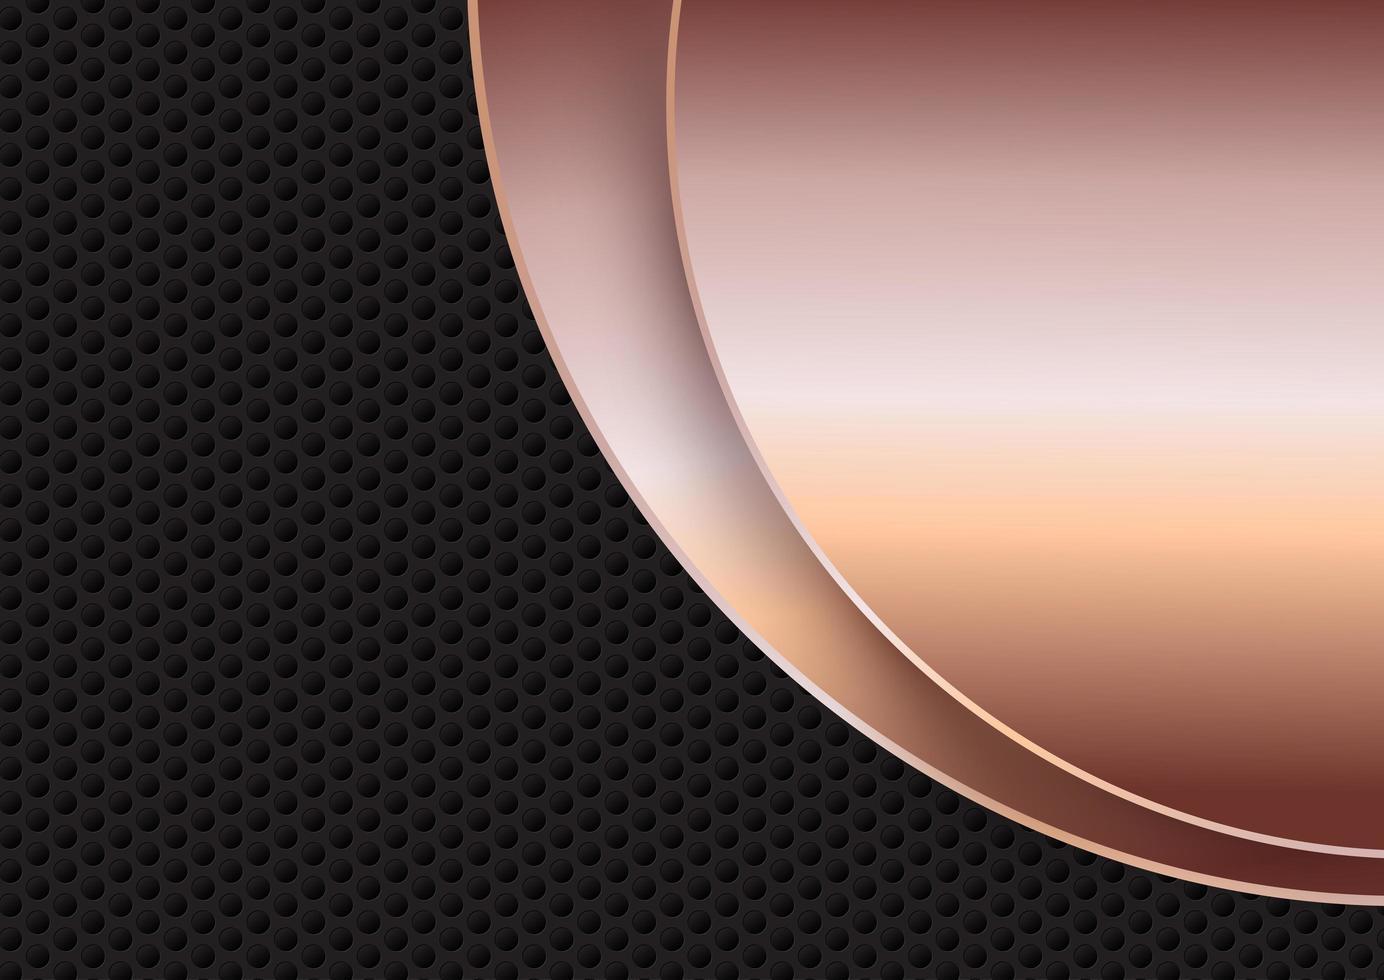 cercle textures métalliques vecteur